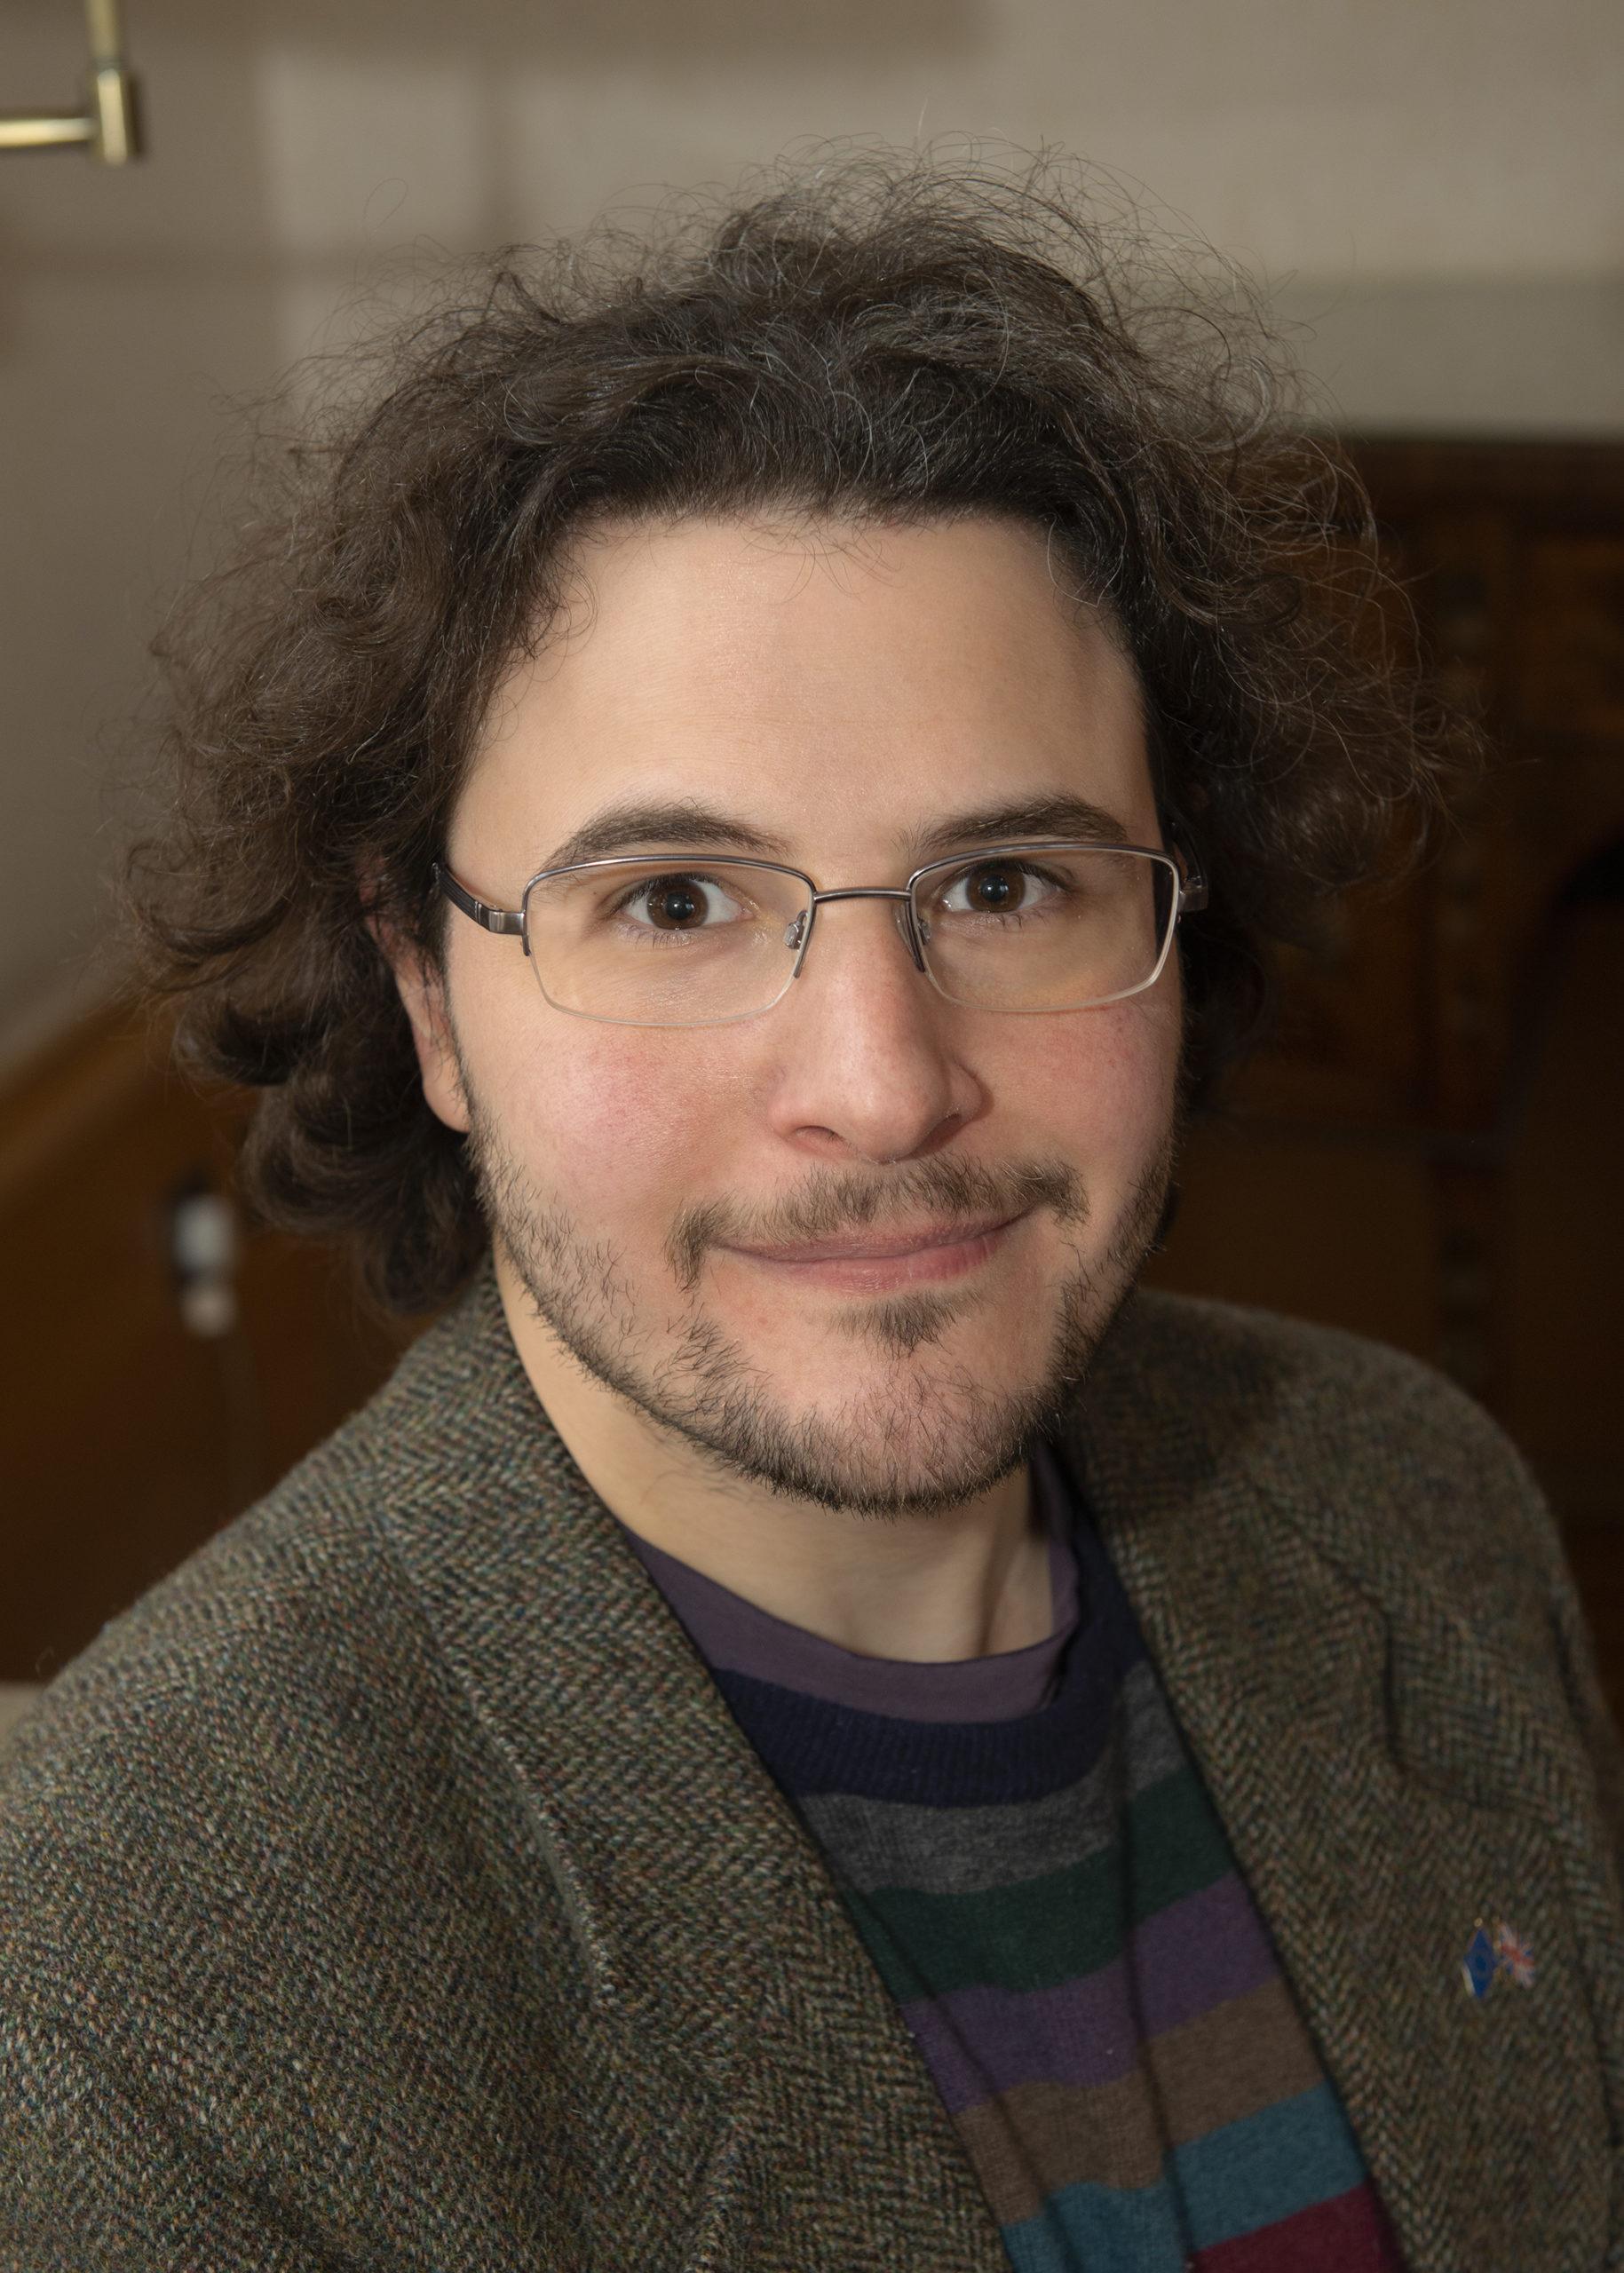 Aurelio C Mathematics Tutor